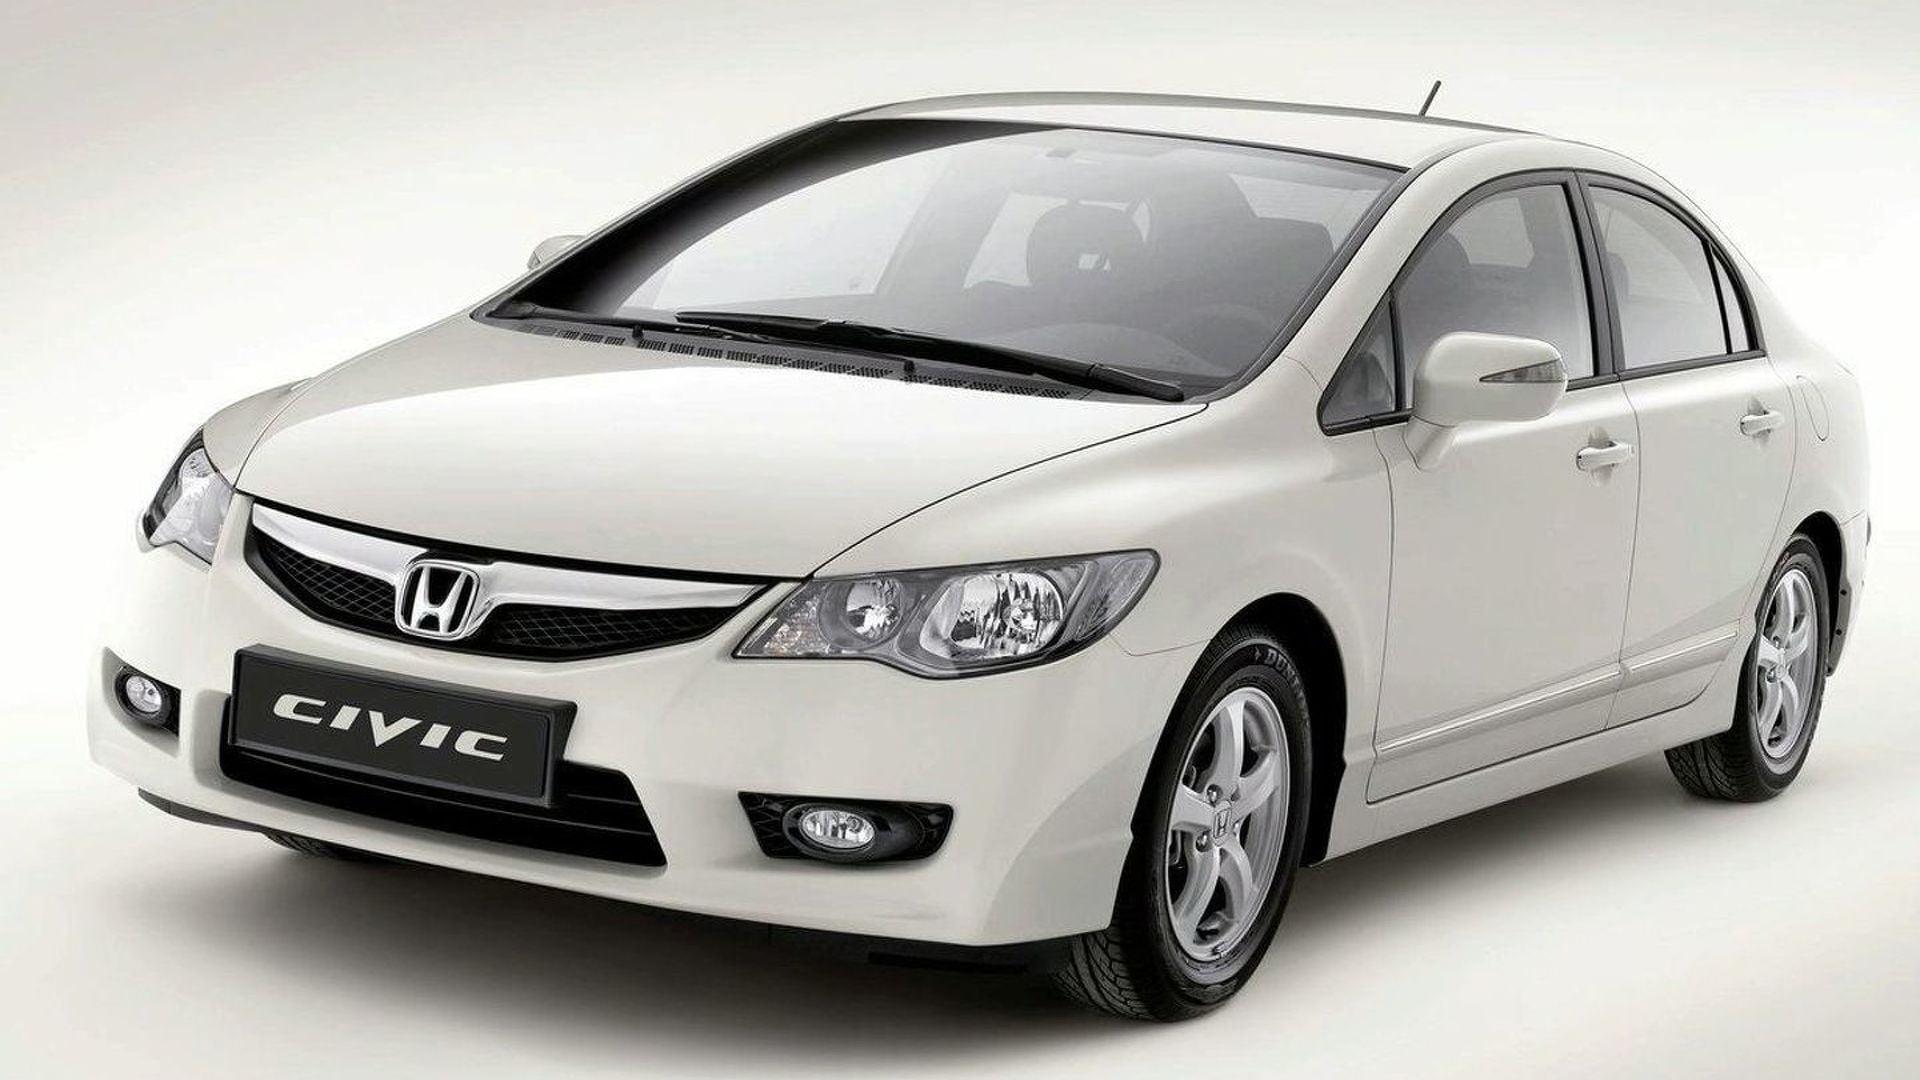 Honda Civic Rebon For rent